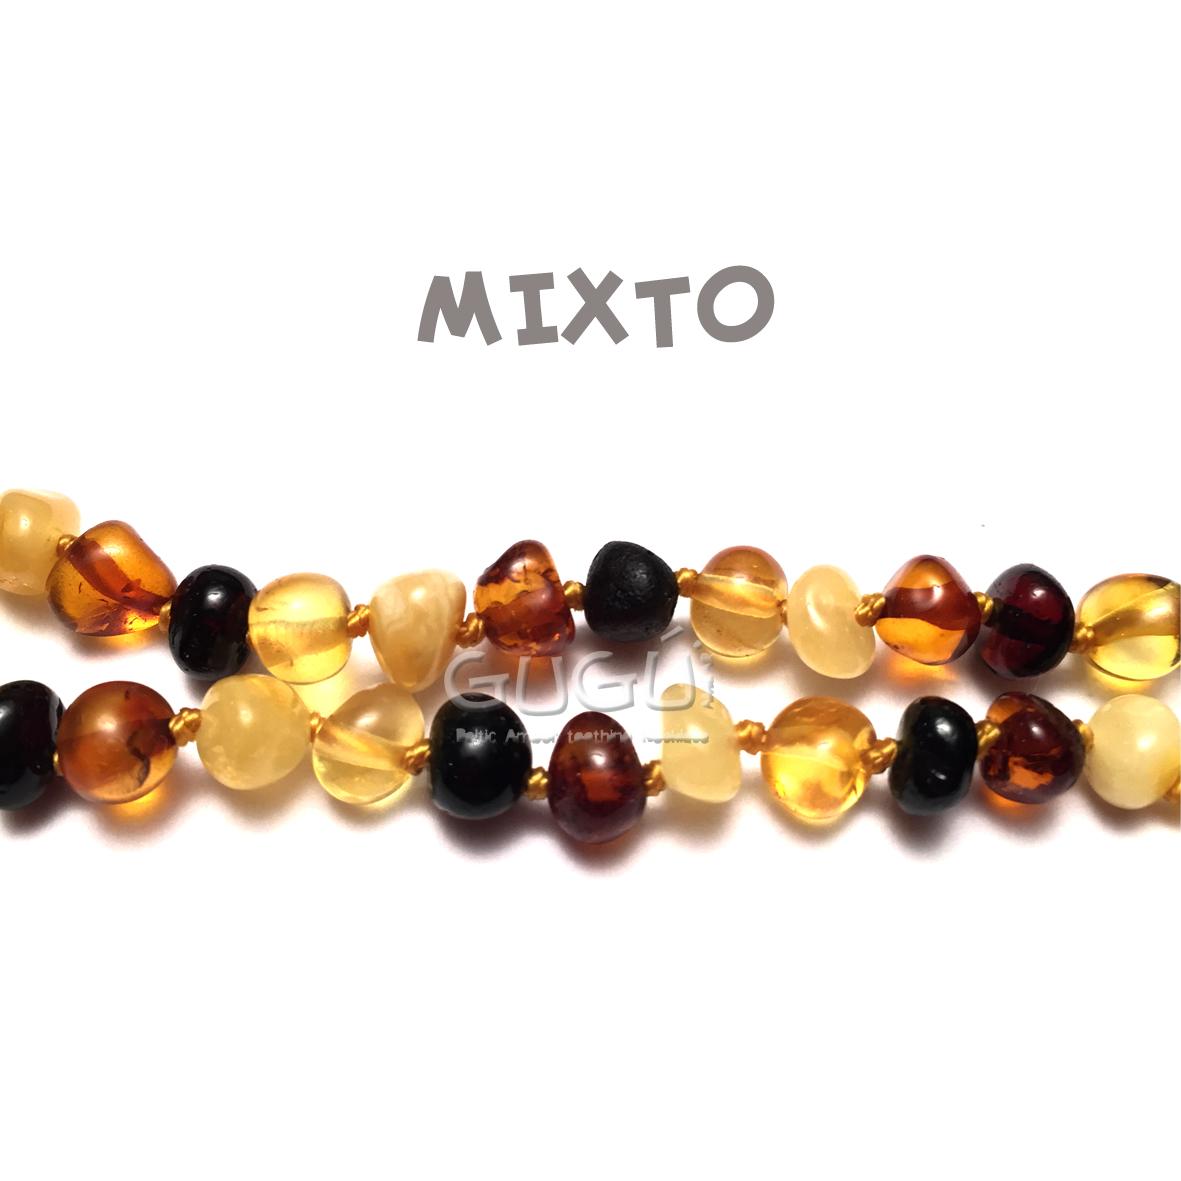 11766da6a478 Collar Mixto (Adulto)